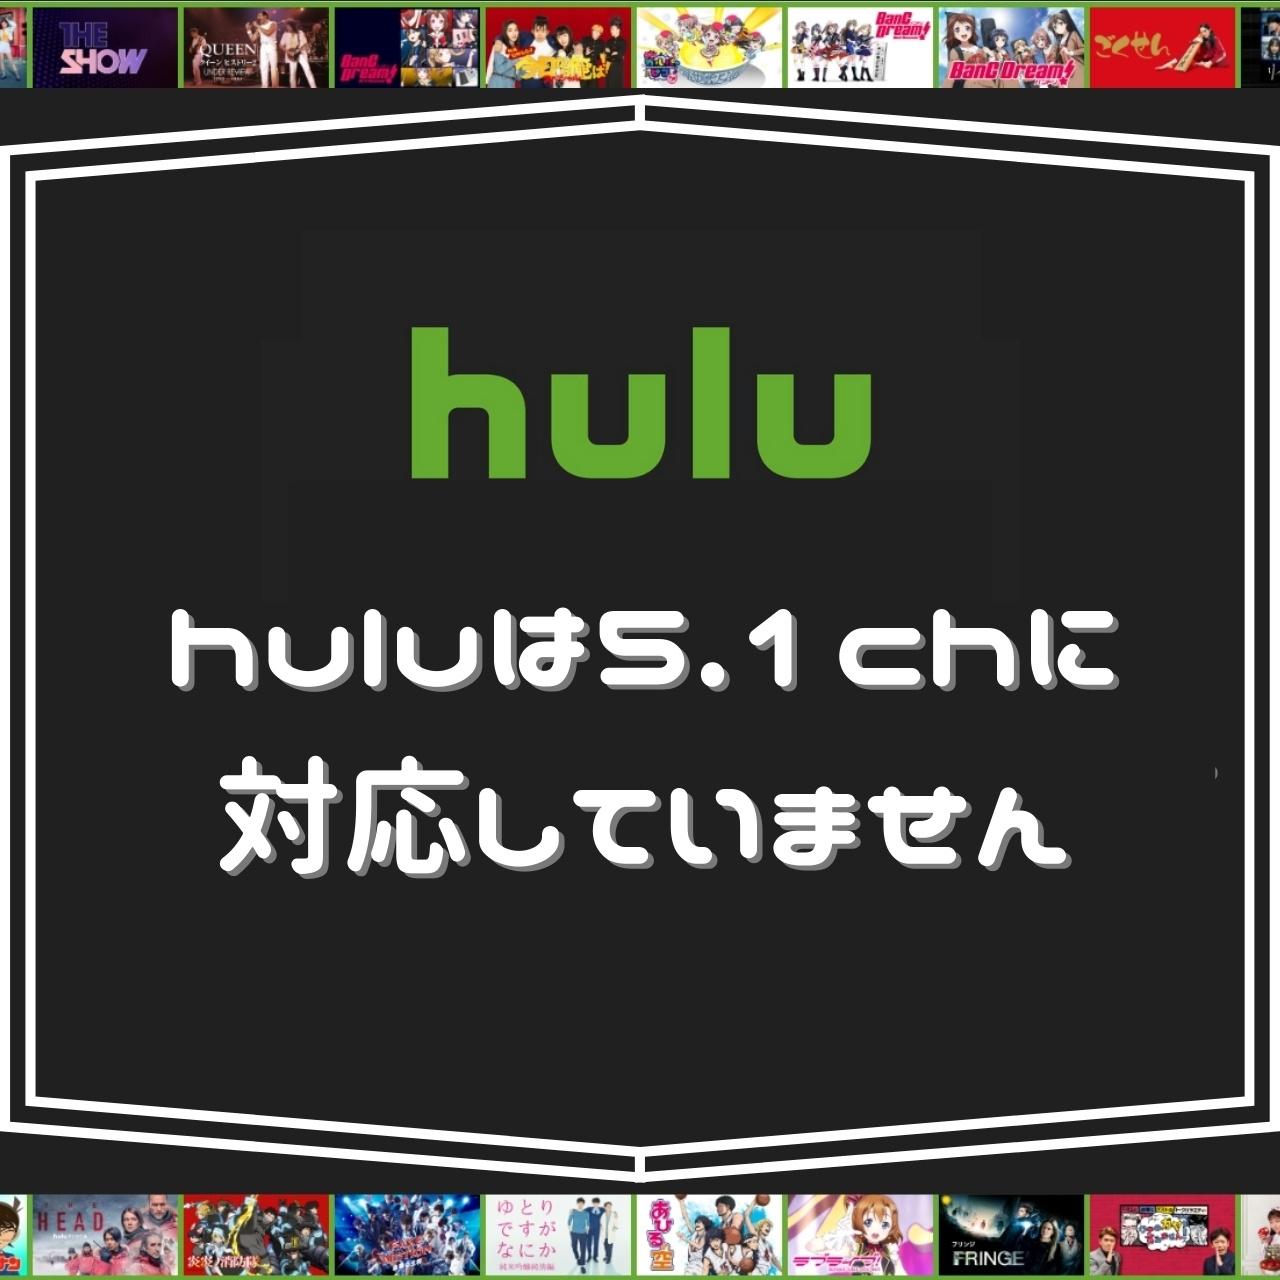 huluは現時点では5.1chに対応していません